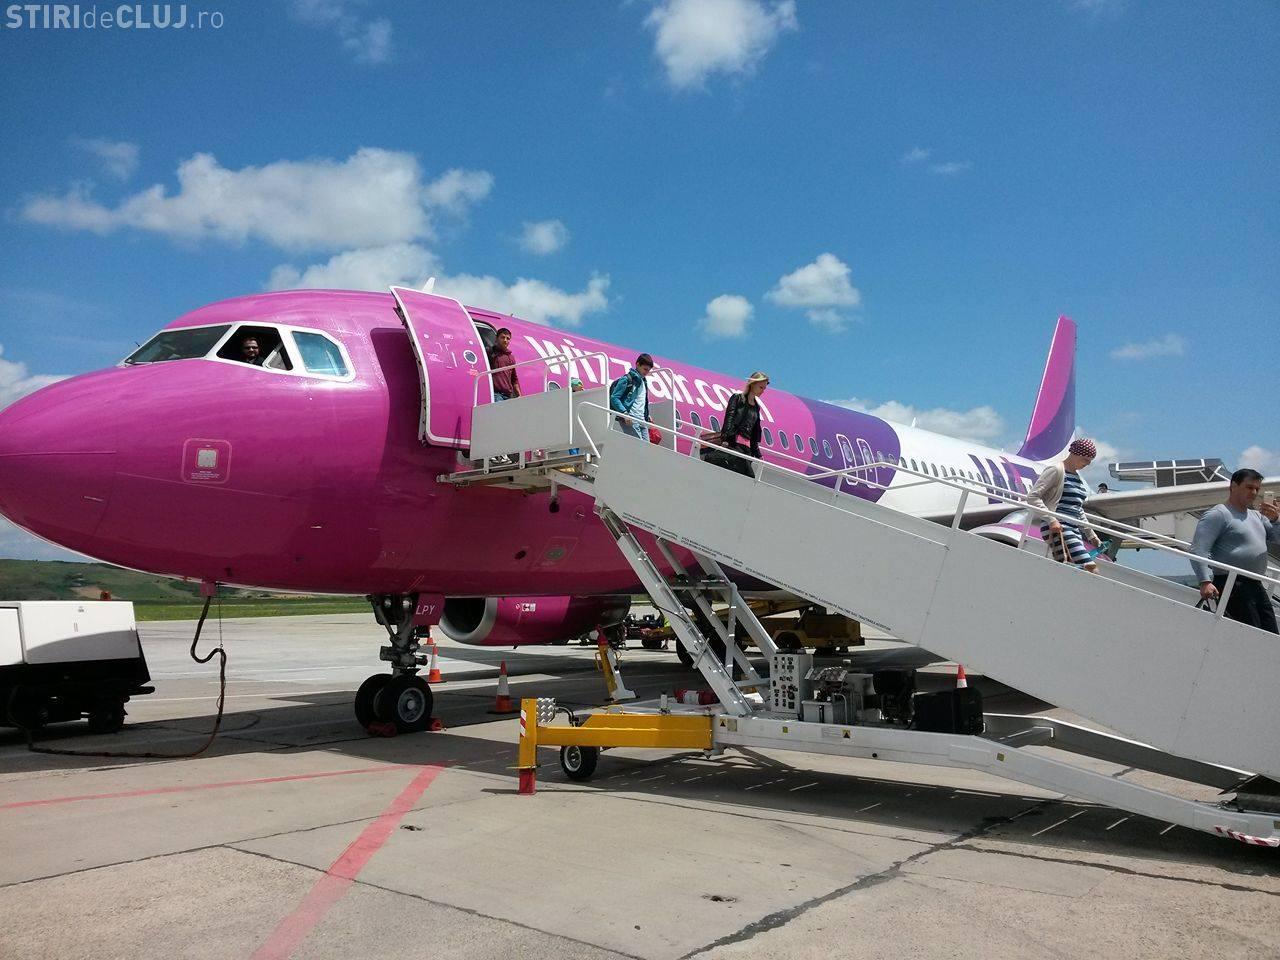 Cluj: Un avion a fost acroşat de o cisternă la Cluj / UPDATE: Avionul a decolat fără probleme